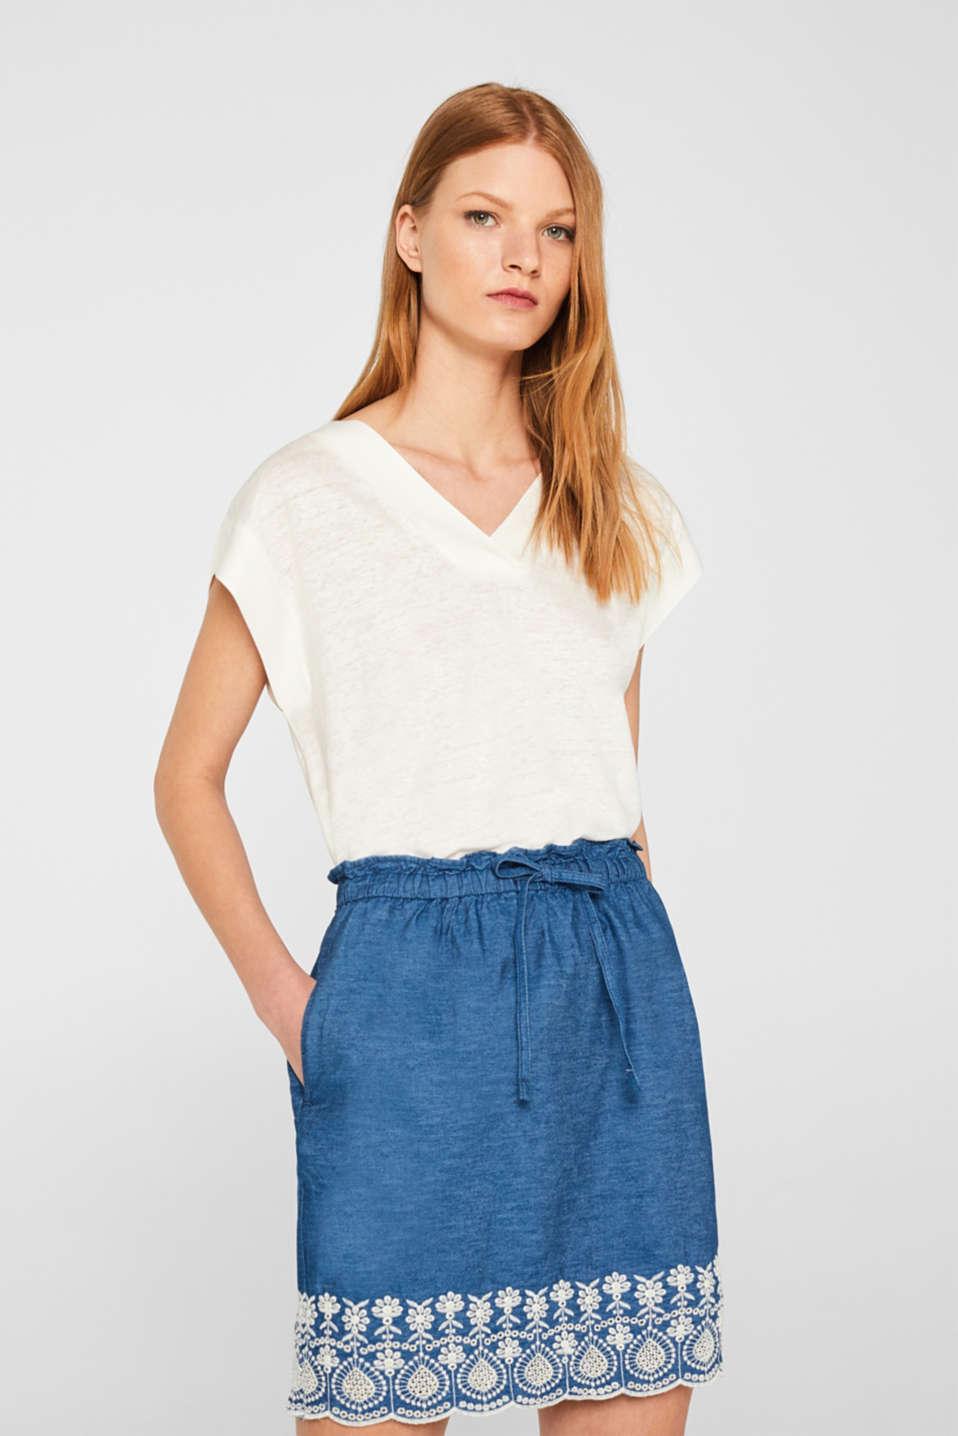 Lightweight embroidered denim skirt, 100% cotton